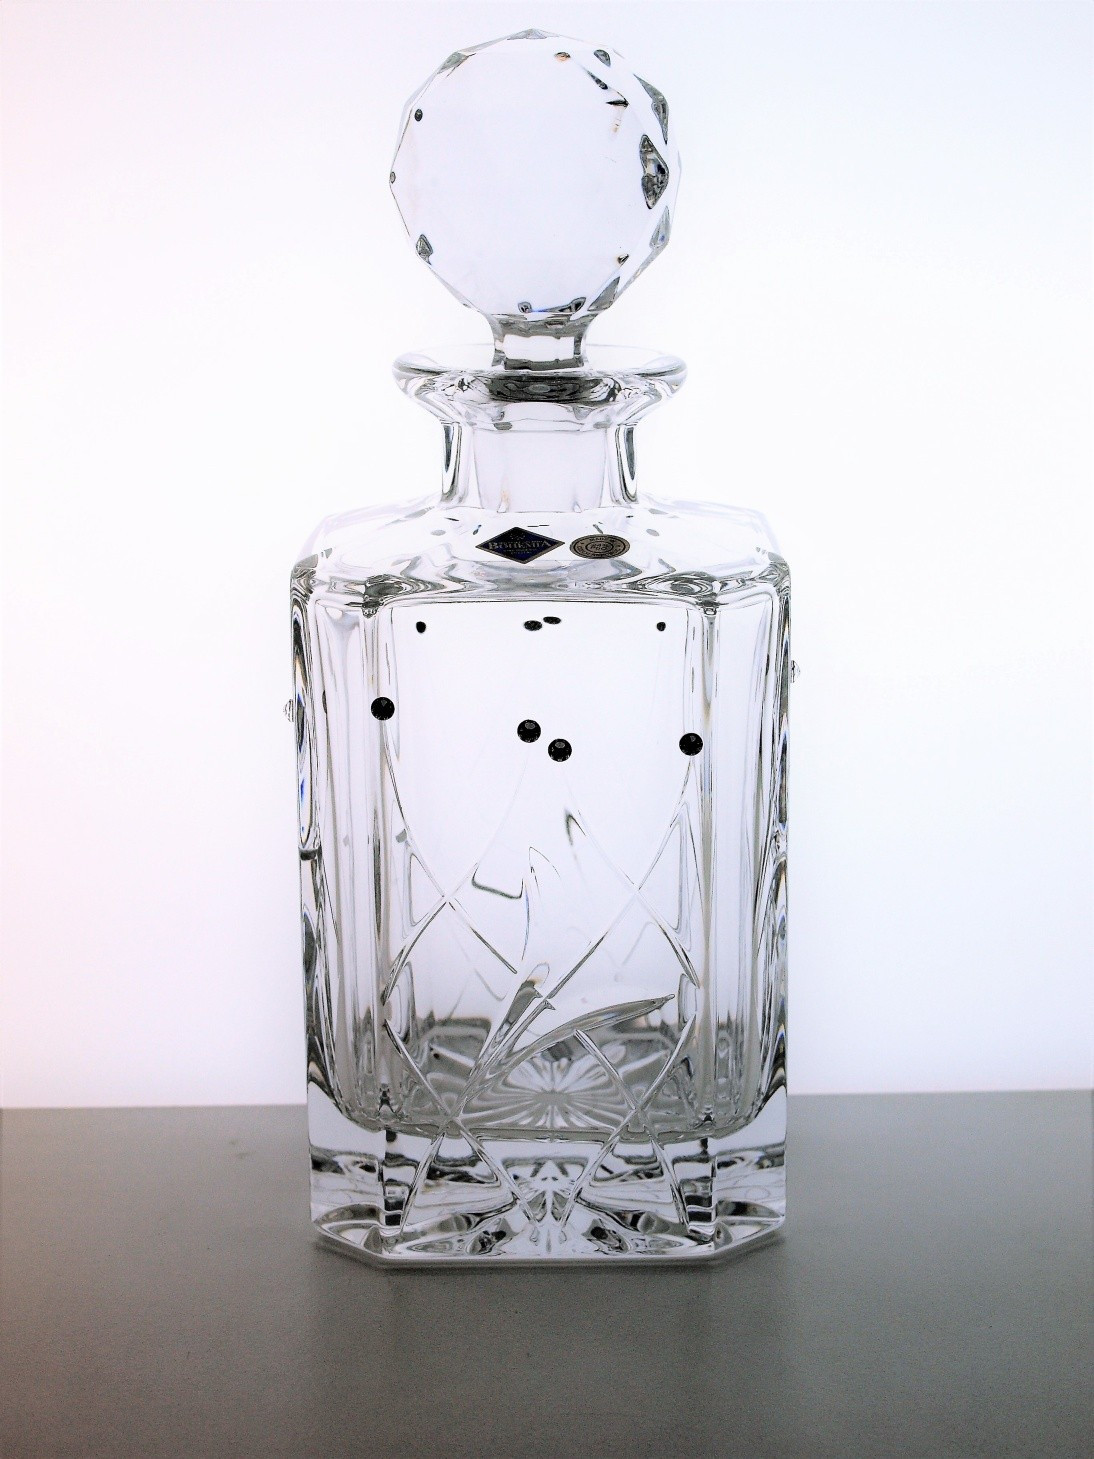 swarovski crystalline vase of whisky decanter cut with swarovski crystals within whisky decanter fiona cut swarovski crystals